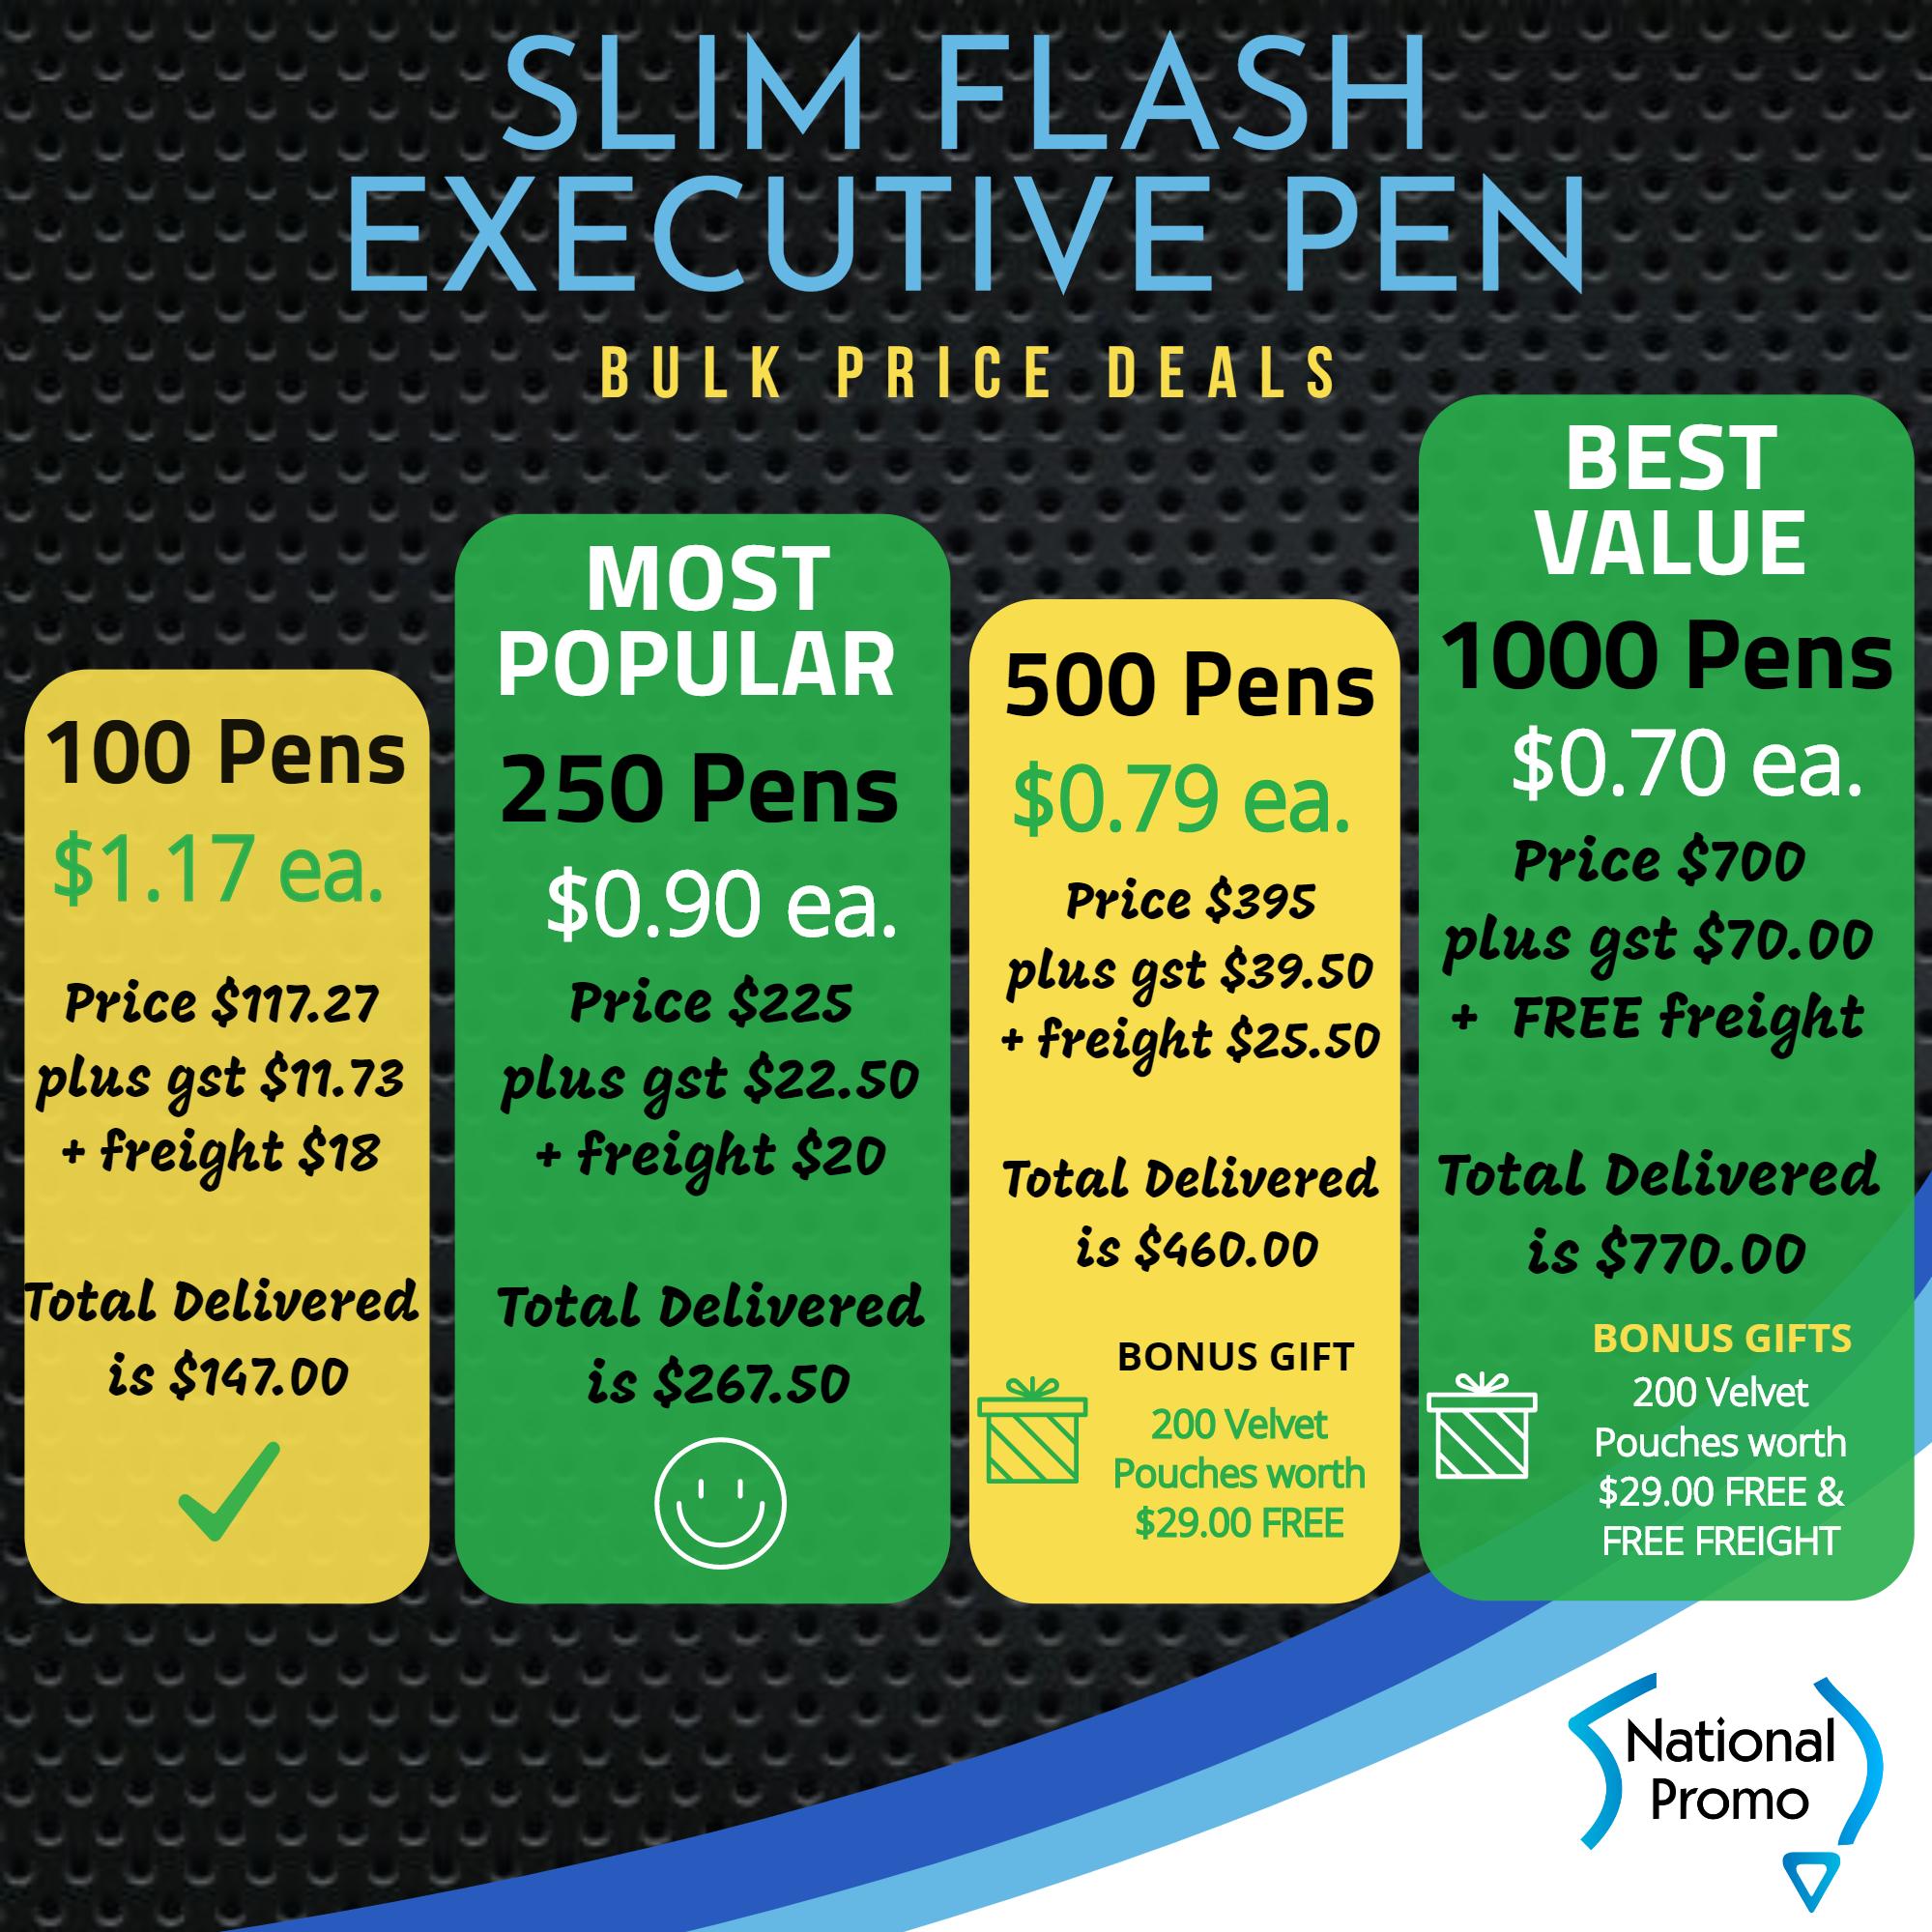 500 Metal Slim Flash Pens for $395*